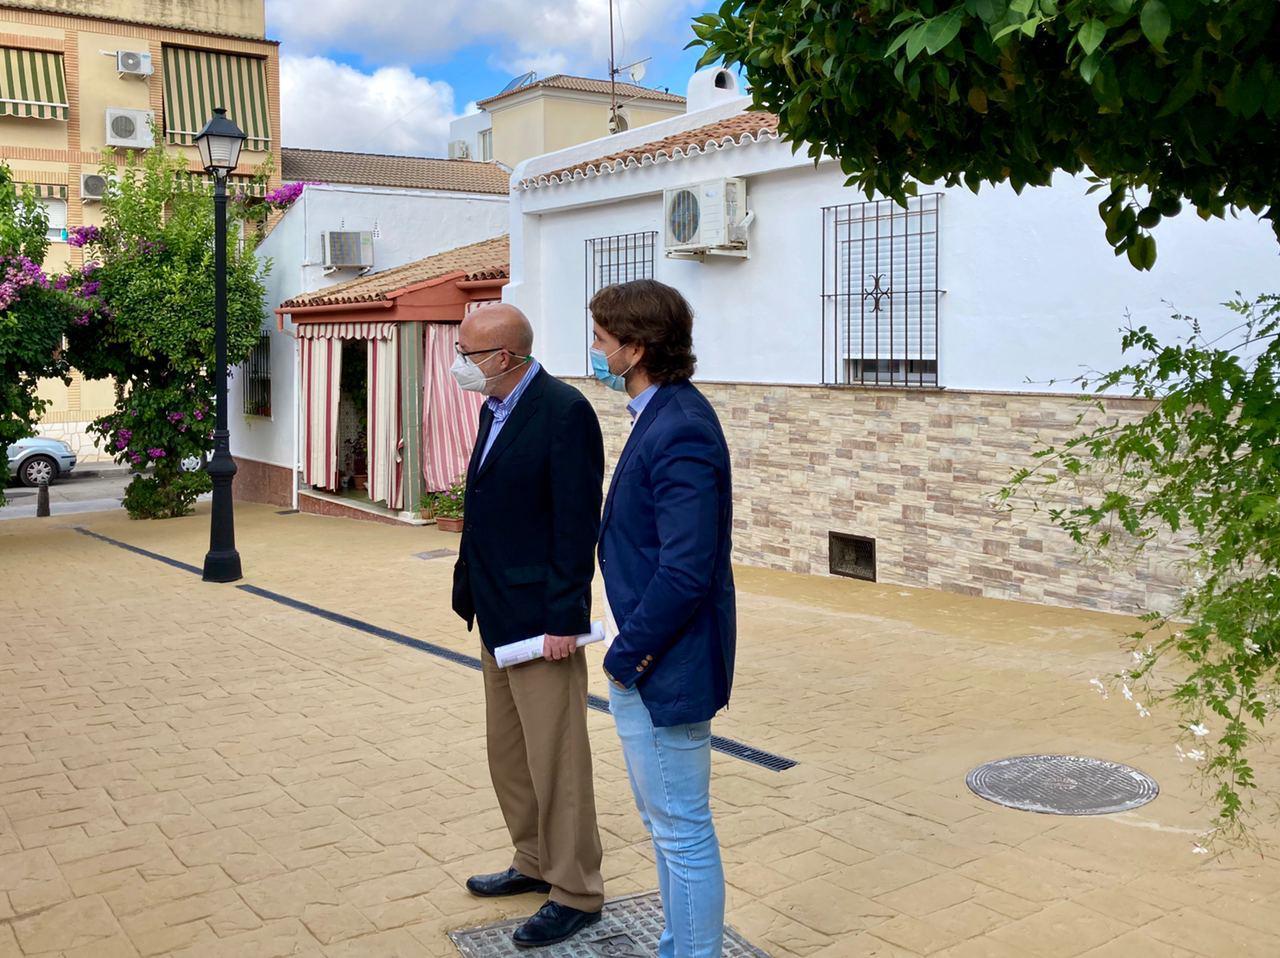 Concluye la primera fase de obras en la Urbanización Cooperativa Jesús Obrero, con una inversión de 235.000 euros